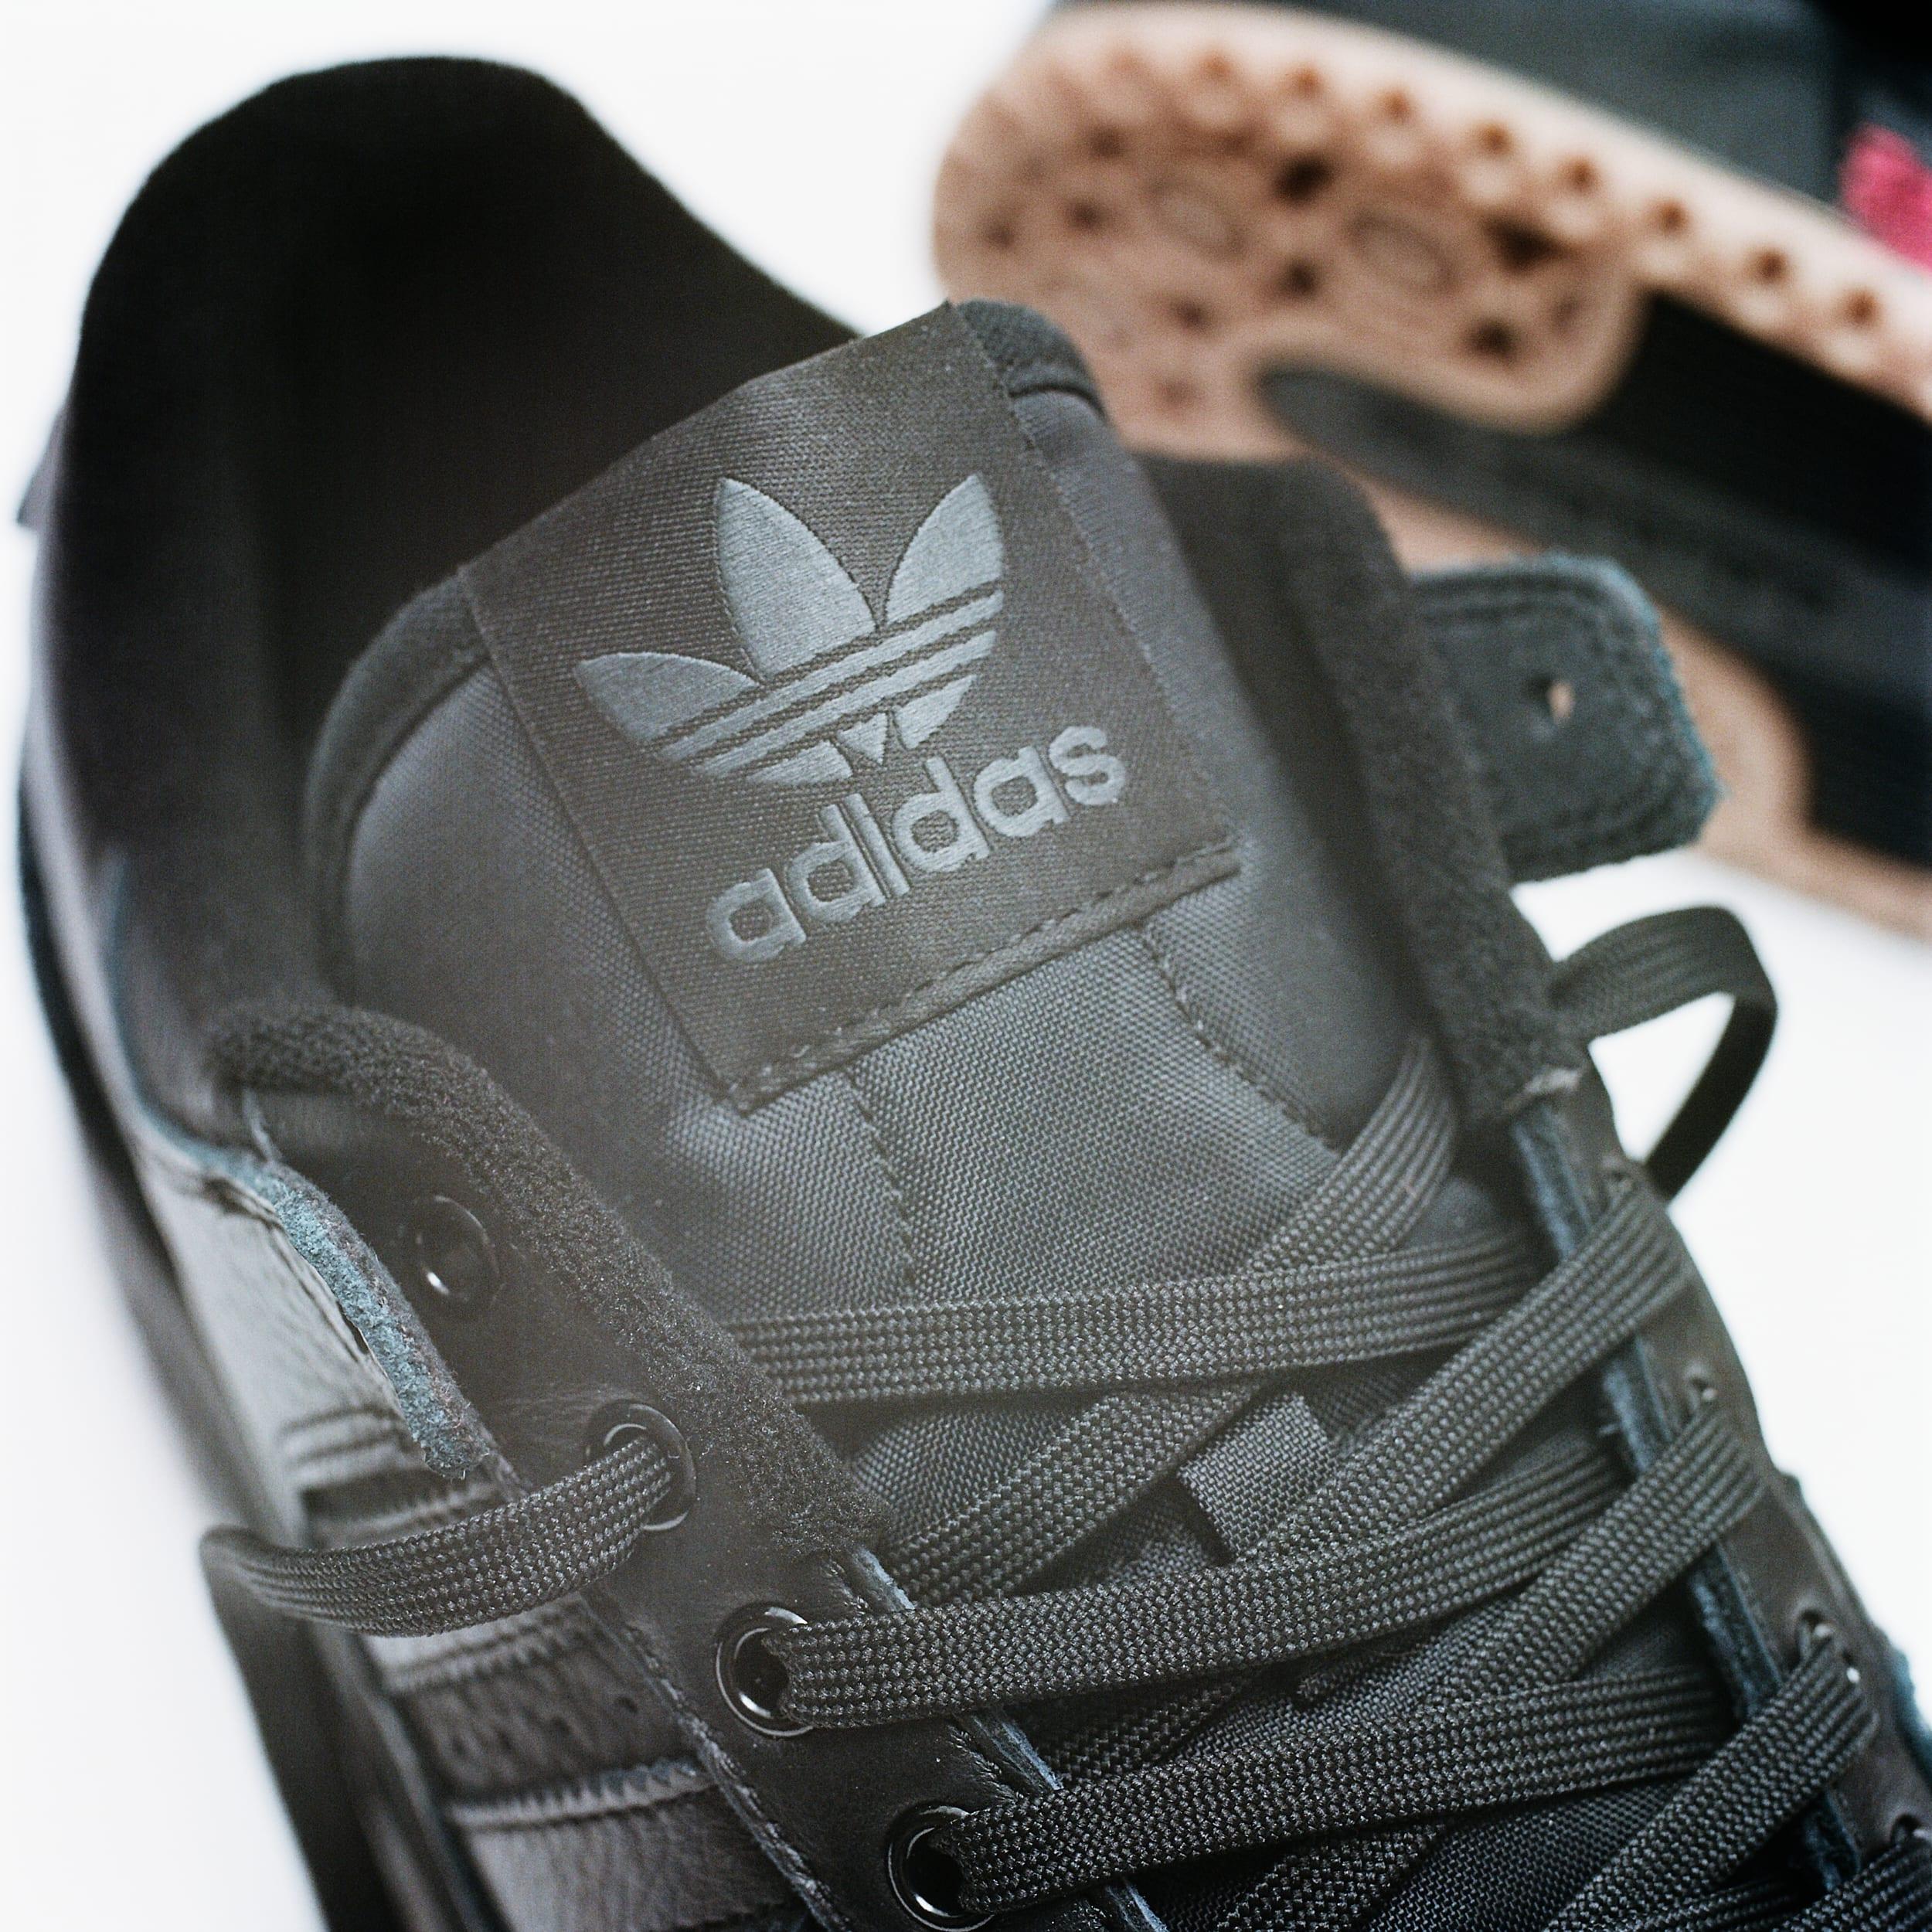 Adidas Forum 84 ADV Black Tongue